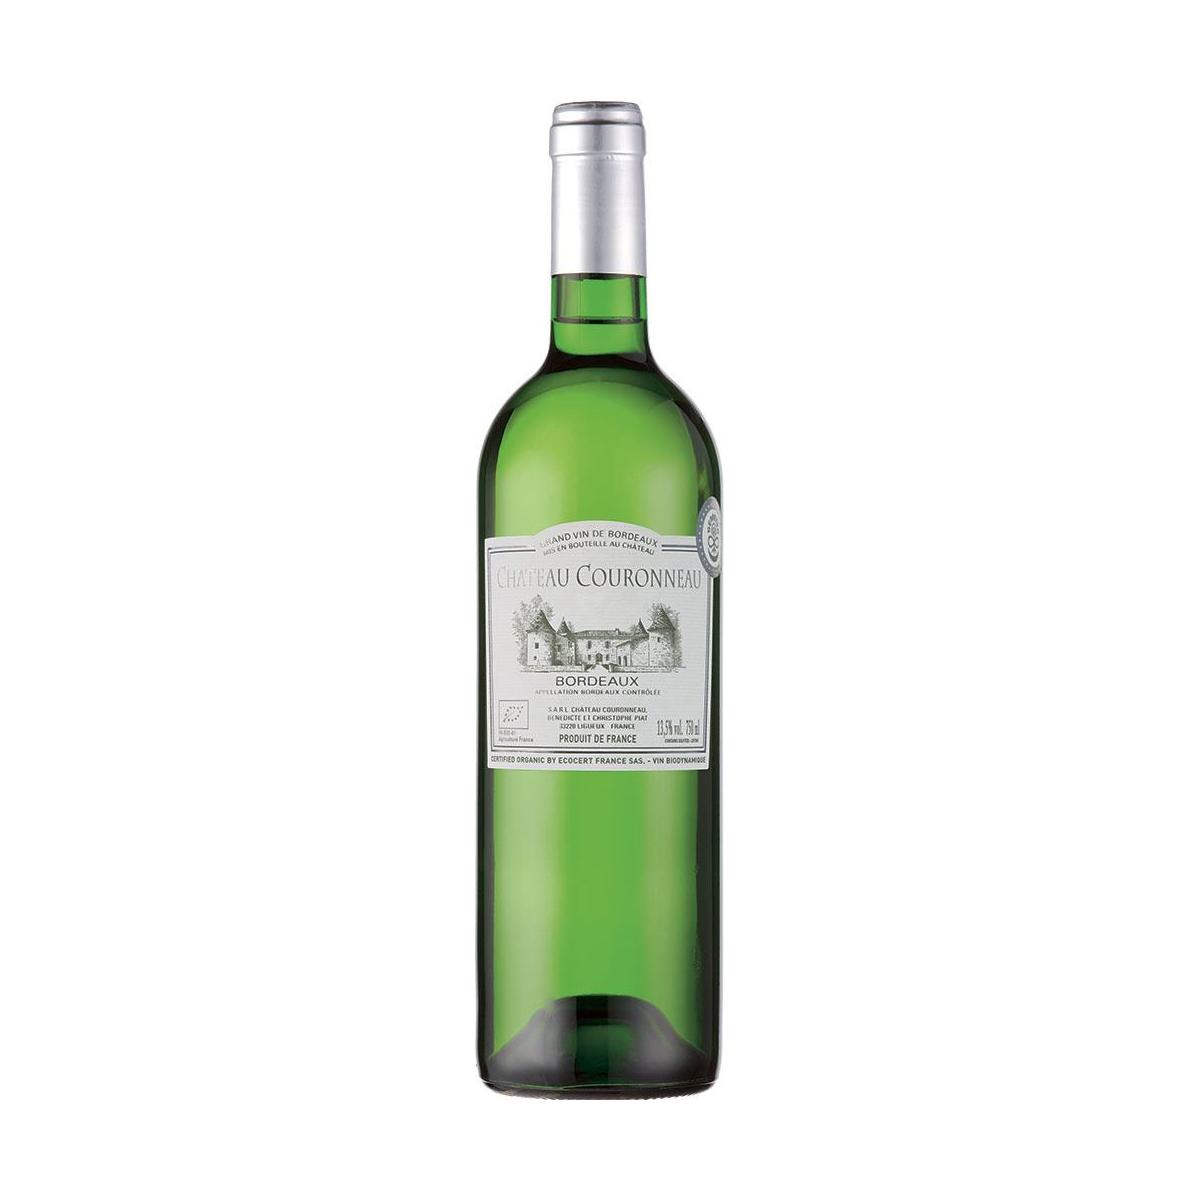 Bordeaux Blanc Couronneau